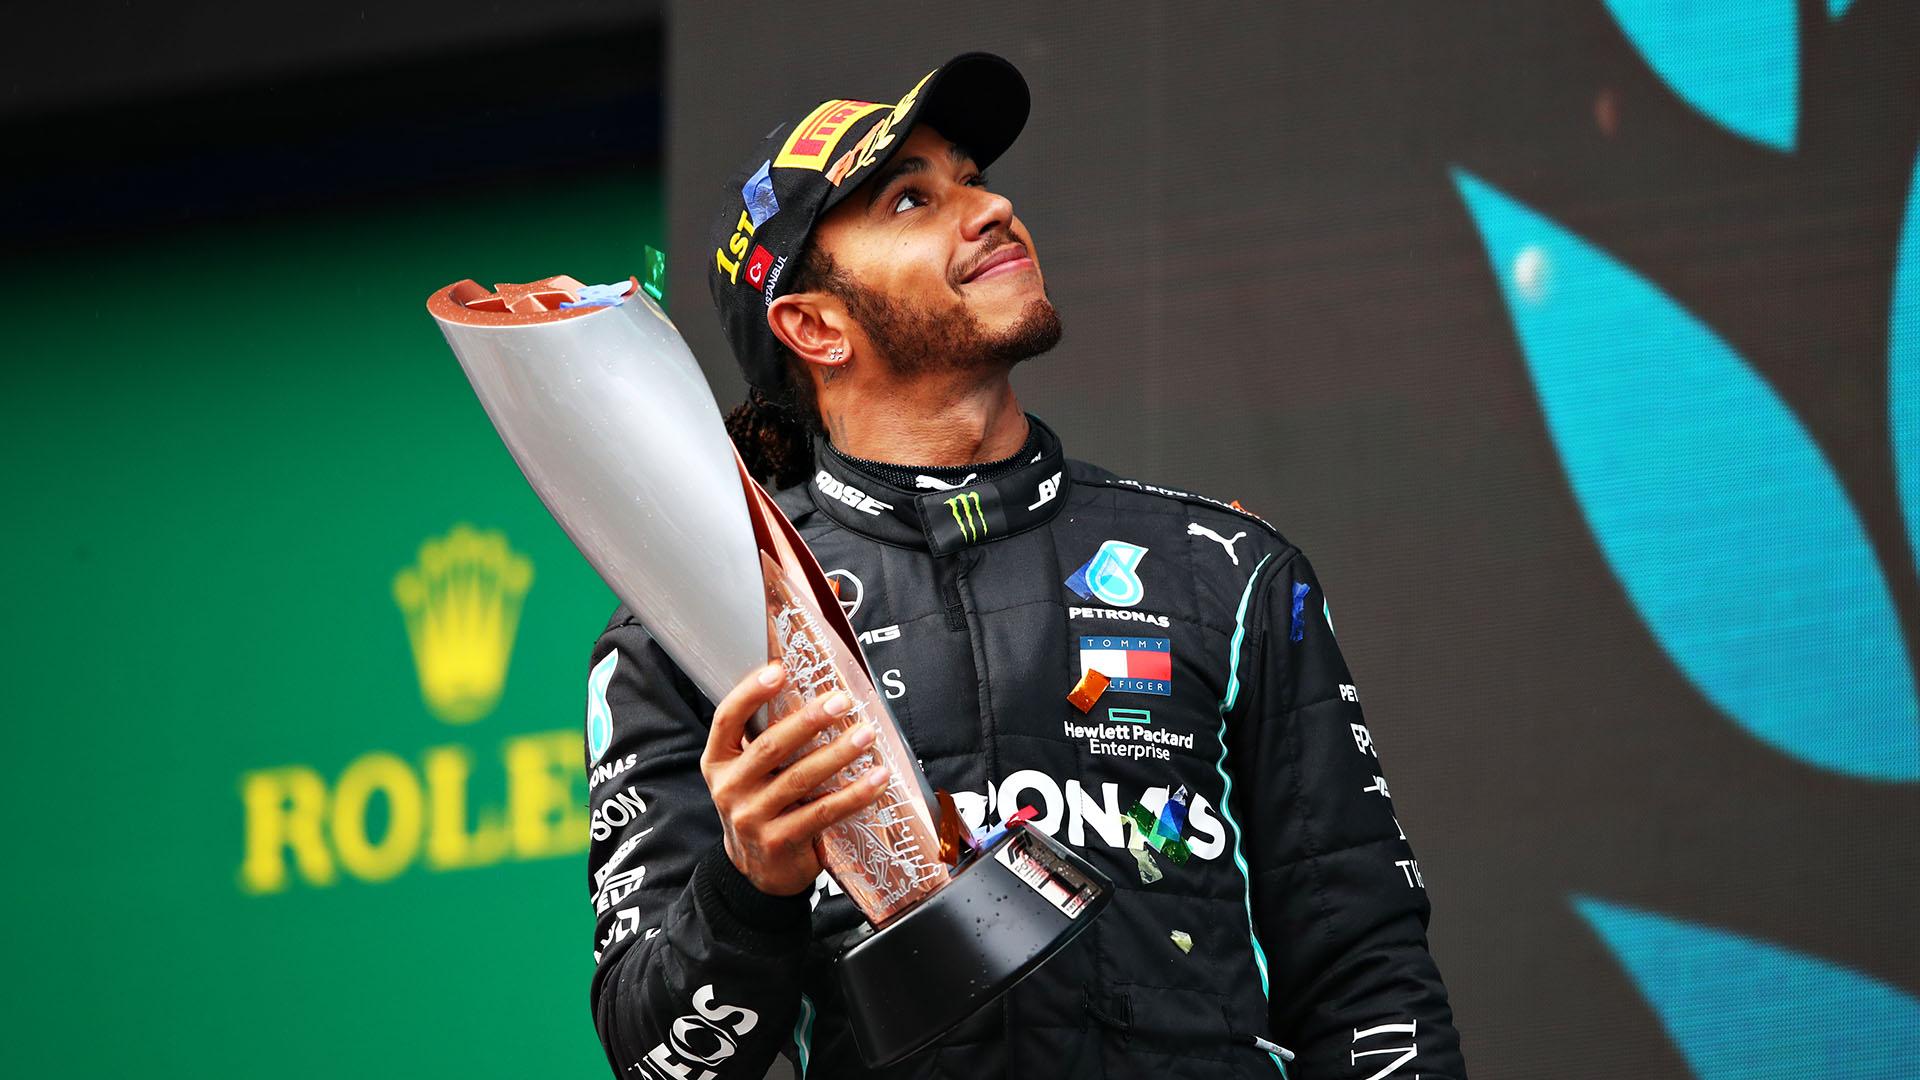 F1 Hamilton vince il suo 7° campionato del mondo vincendo in Turchia eguagliato Schumacher